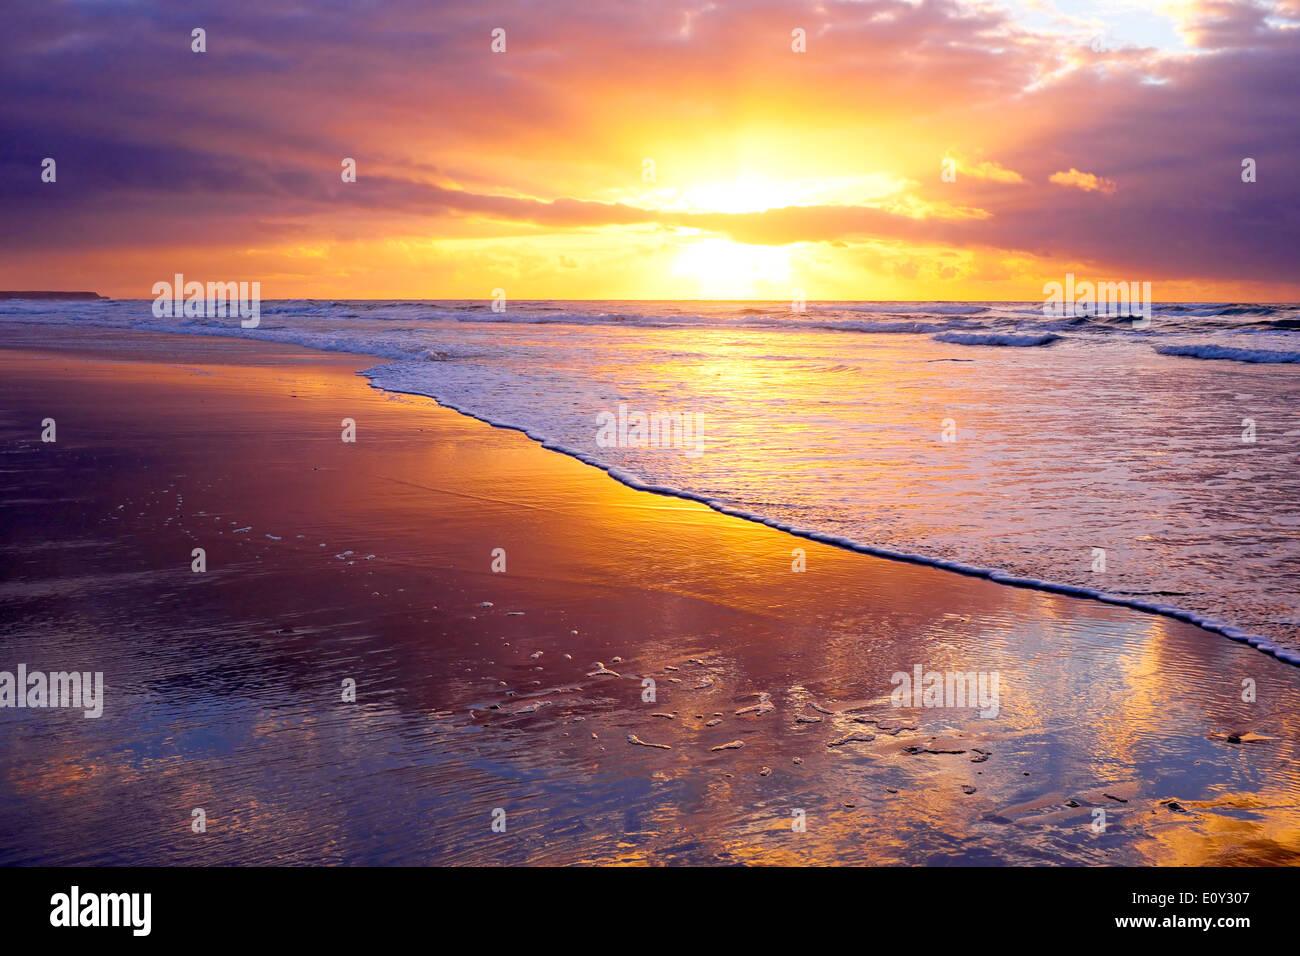 Beautiful sunset at the atlantic ocean in Portugal - Stock Image